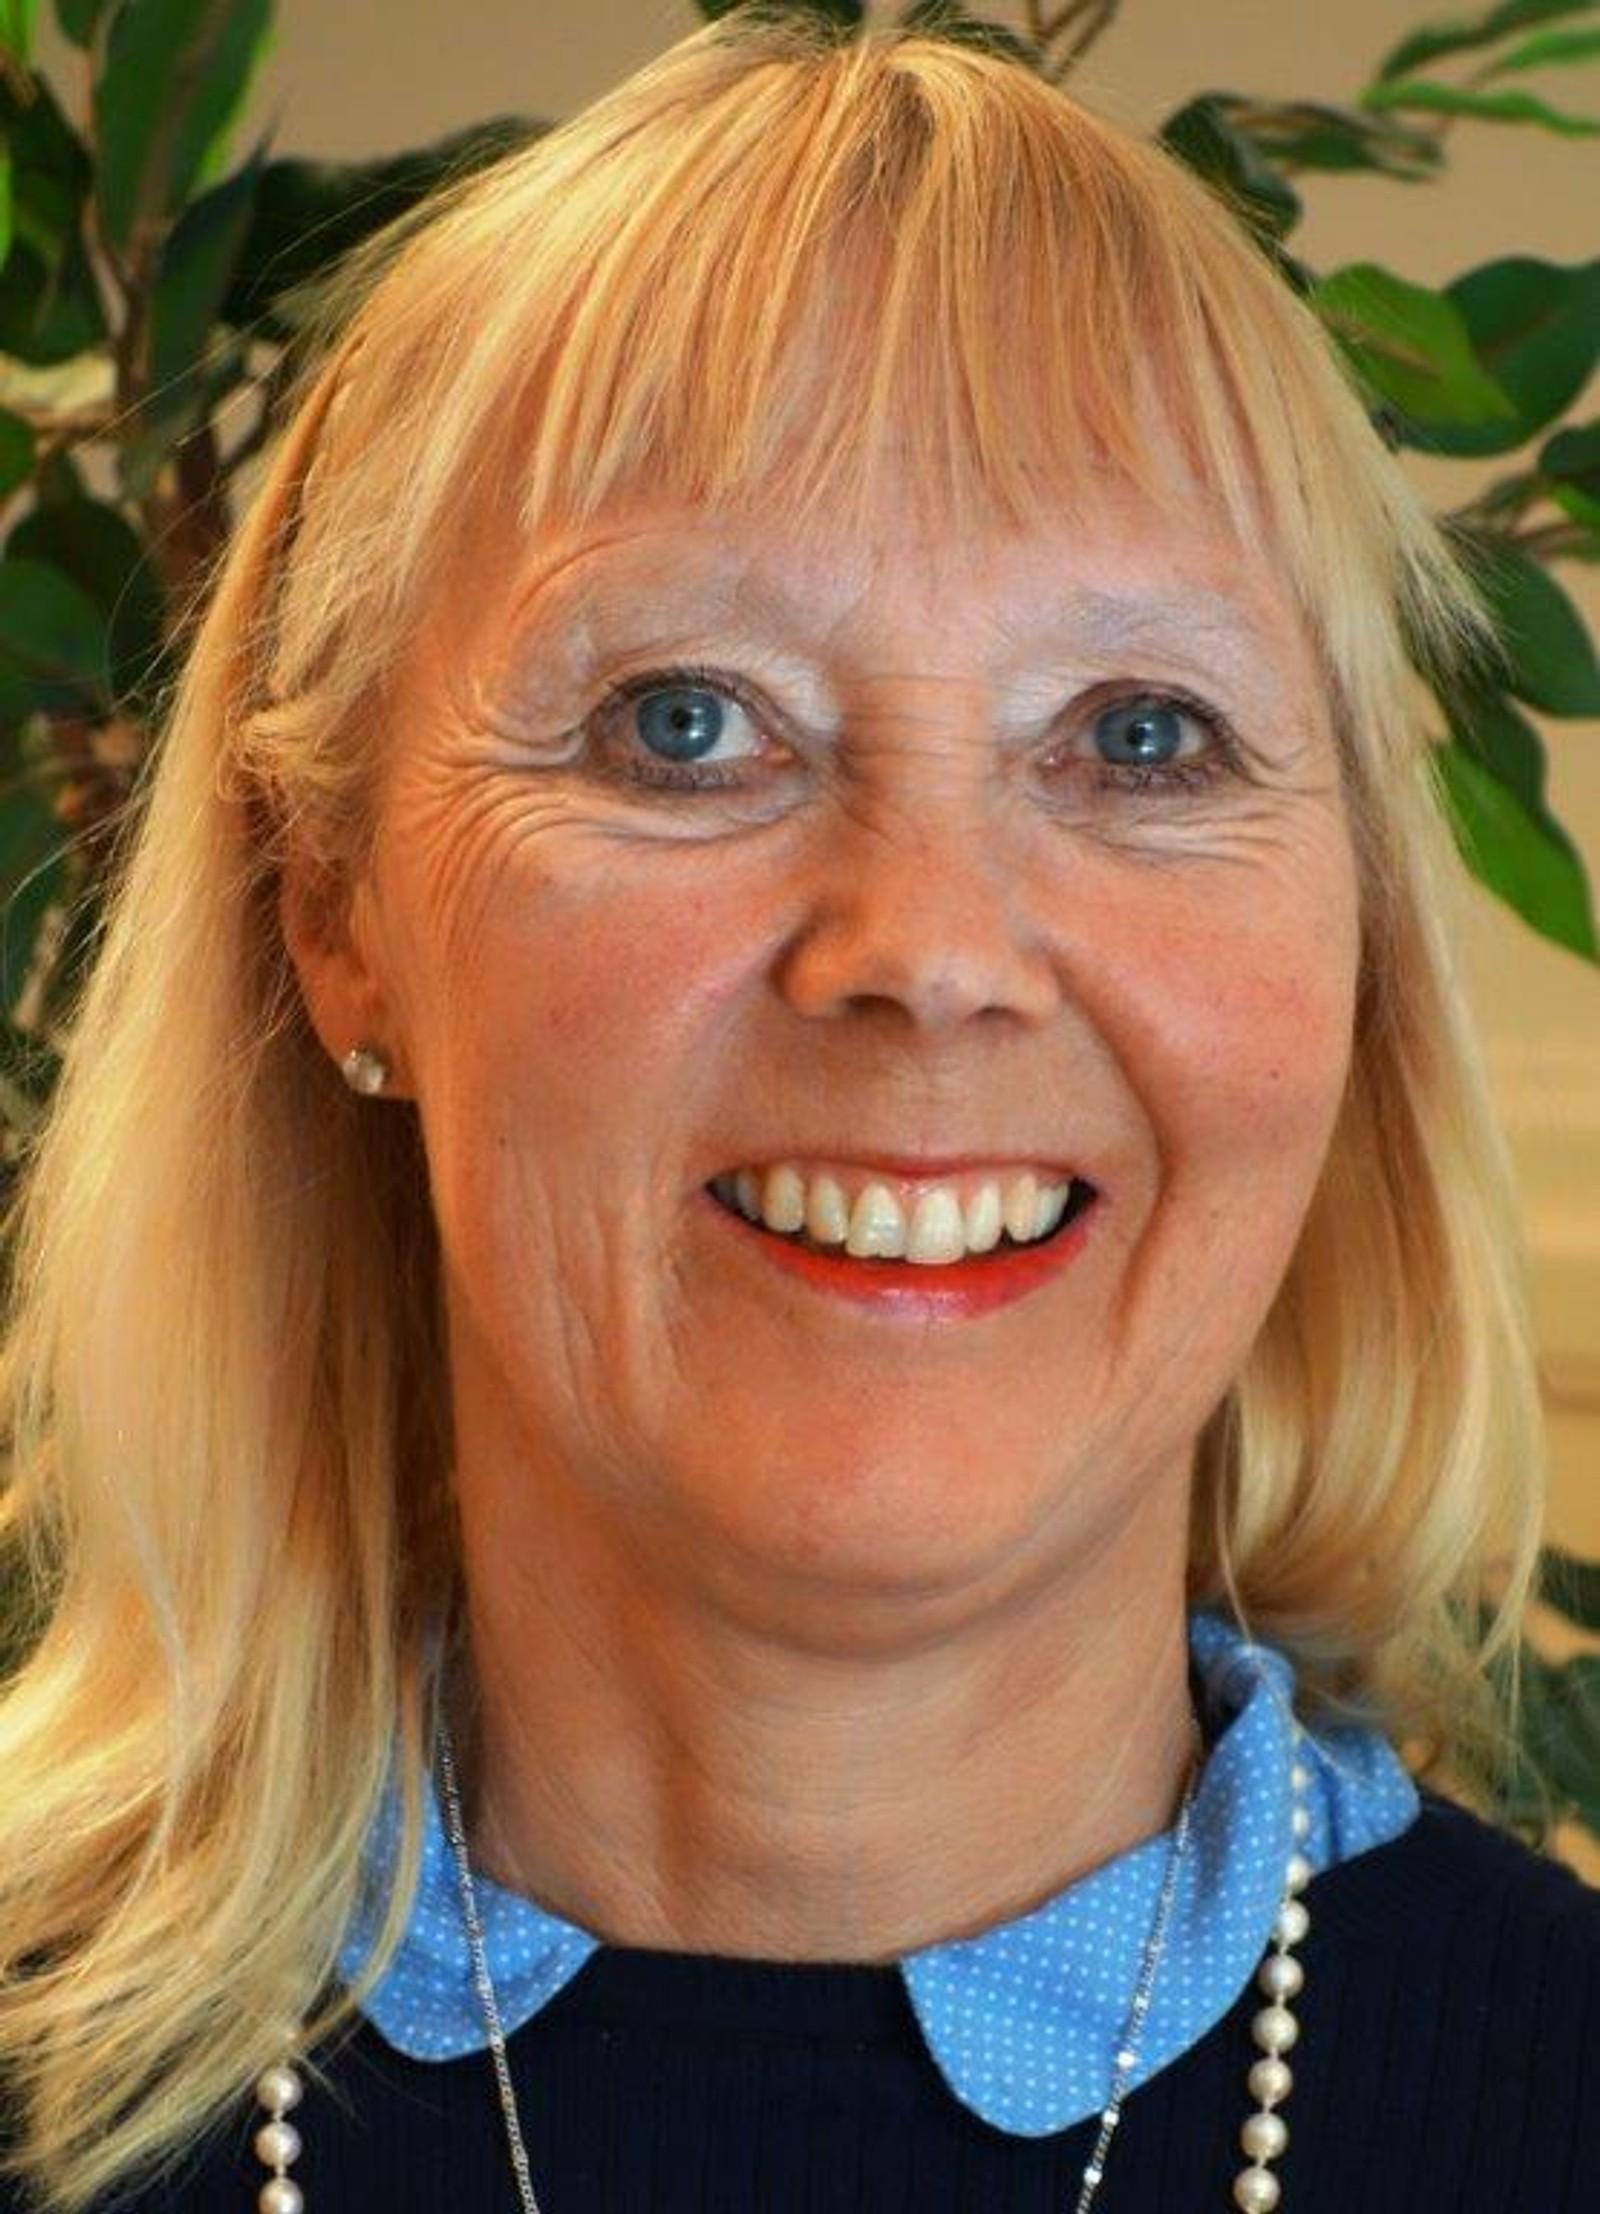 Mari Mogstad blir direktør for kommunal og justis. Vikarierer i dag som assisterende fylkesmann i Sør-Trøndelag. Begynte hos Fylkesmannen i Sør-Trøndelag som direktør i 2012.